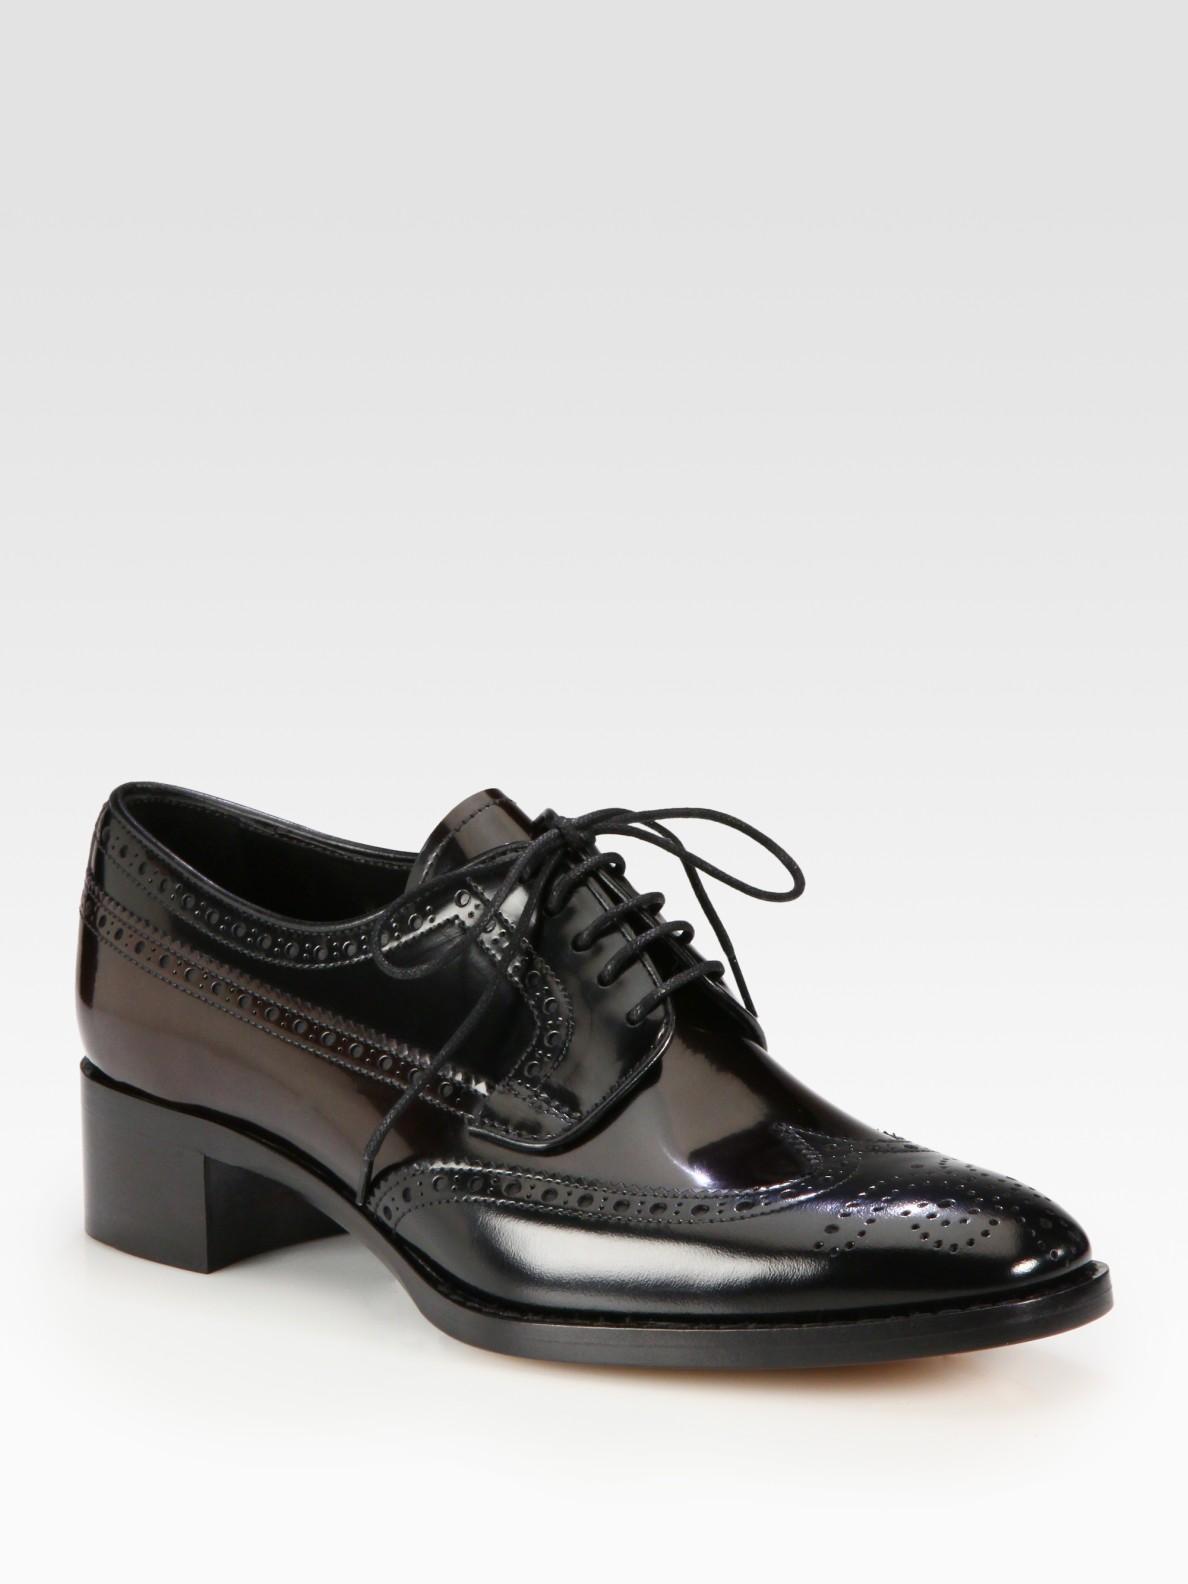 Prada Bicolor Spazzolato Lace-up Oxfords In Black | Lyst